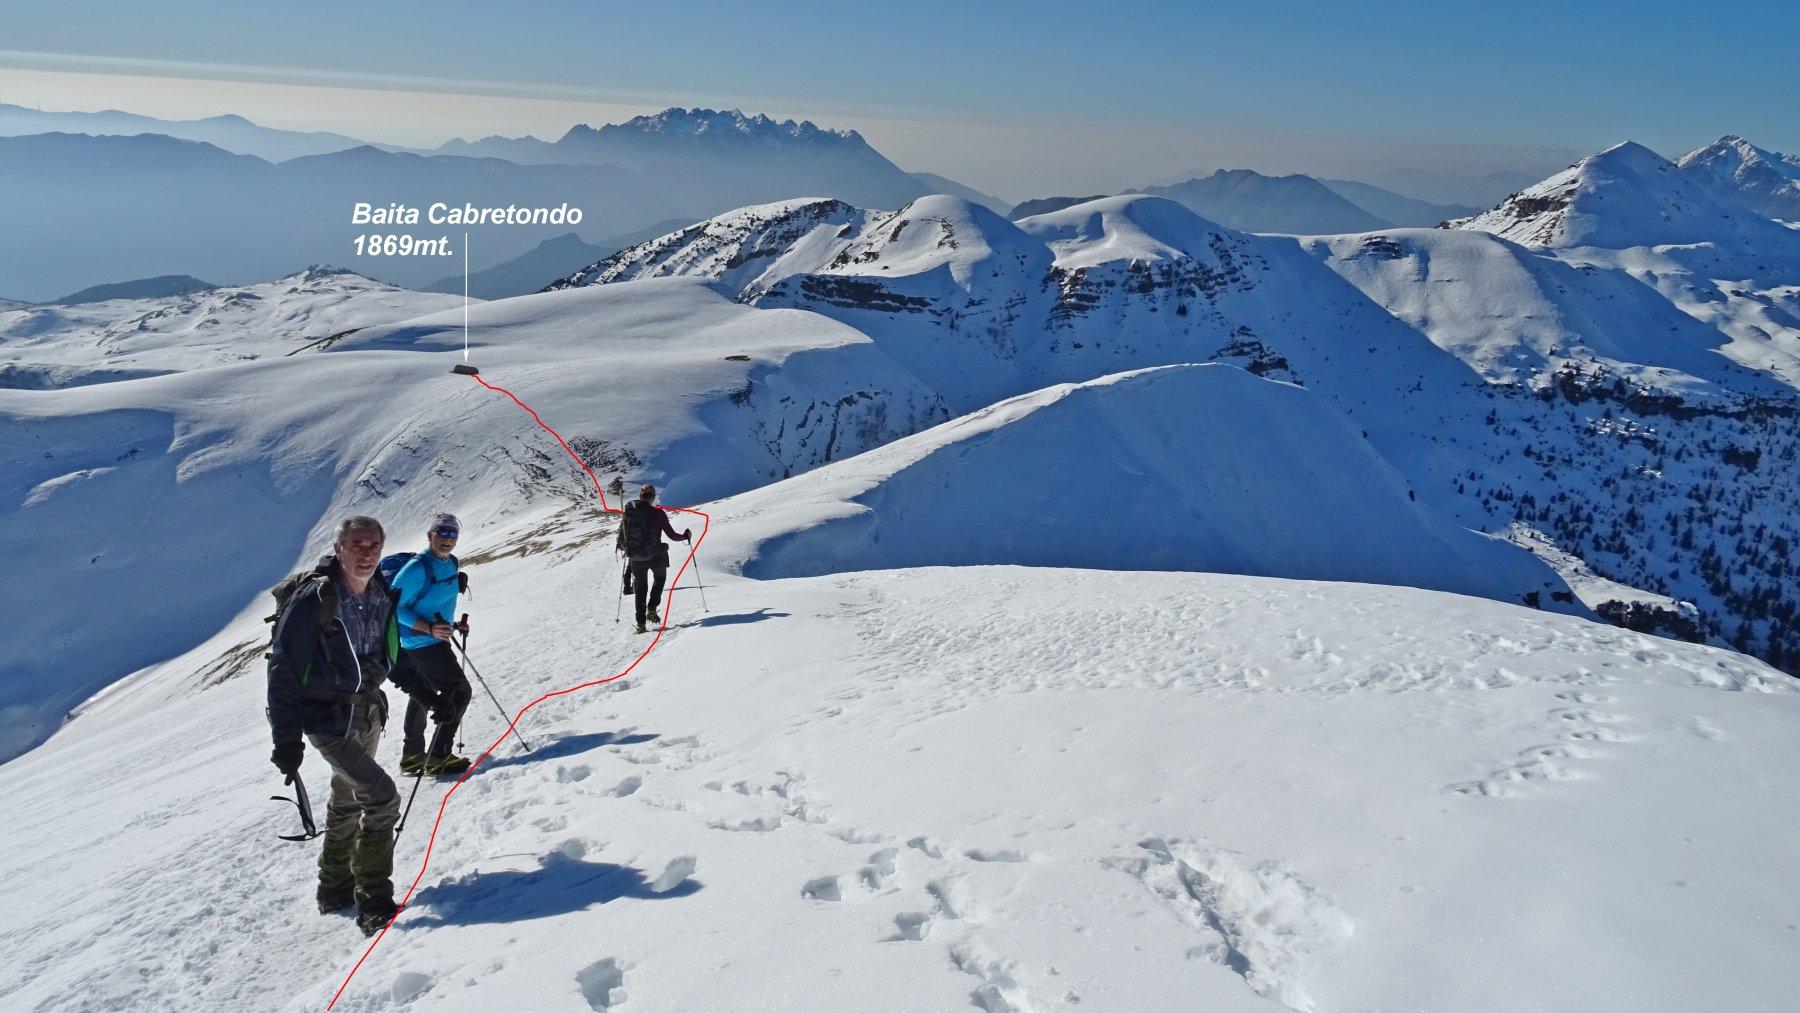 Sodadura (Monte), Pizzo Baciamorti, Monte Aralalta da Capo Foppa 2020-01-06